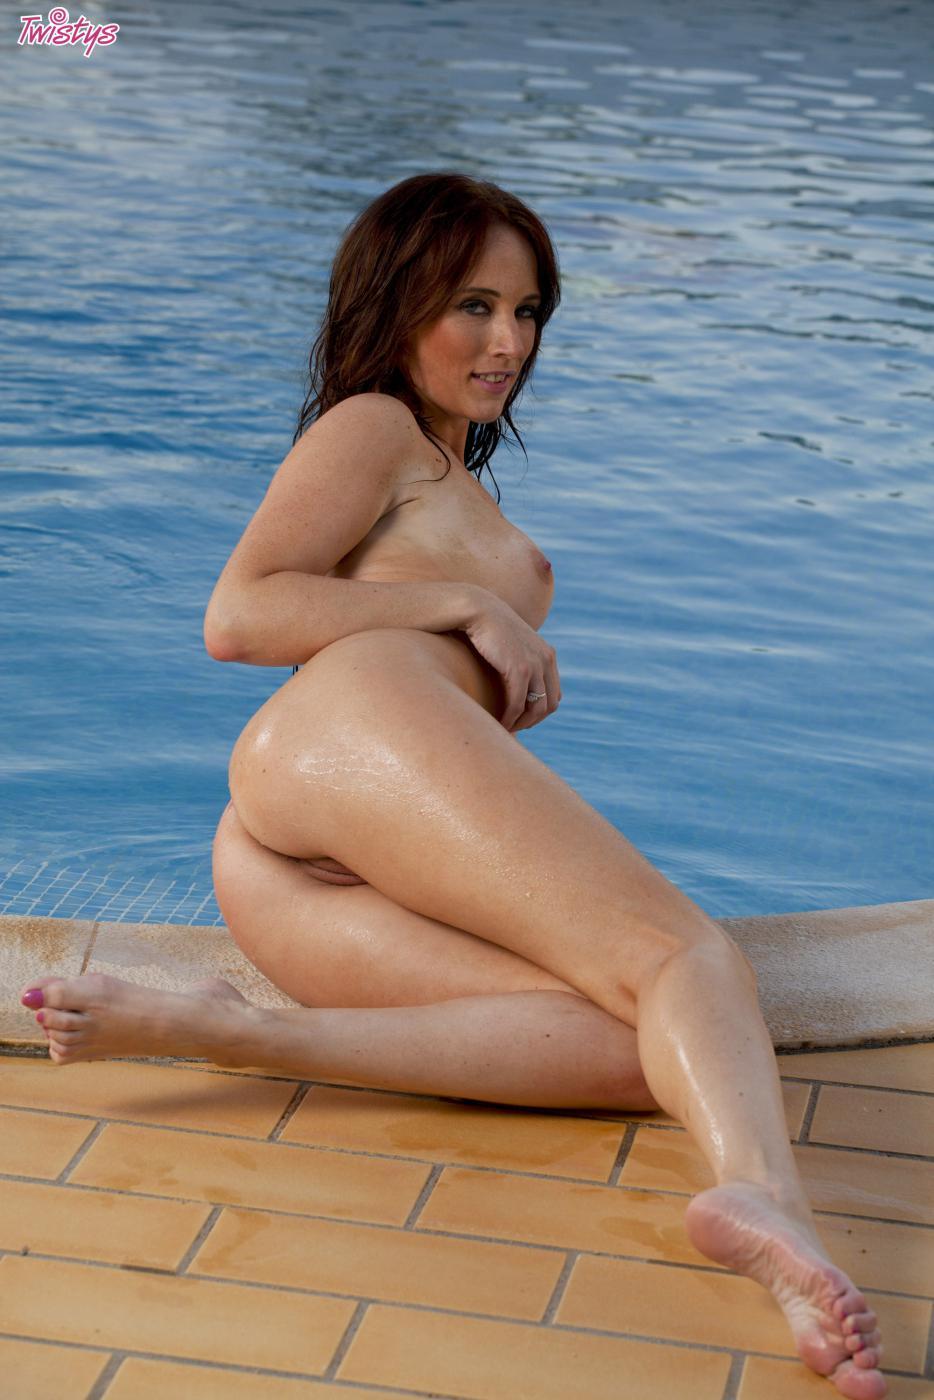 Пышногрудая темноволосая девка Jemma Perry теряет свое бикини и раздвигает пизду у бассейна